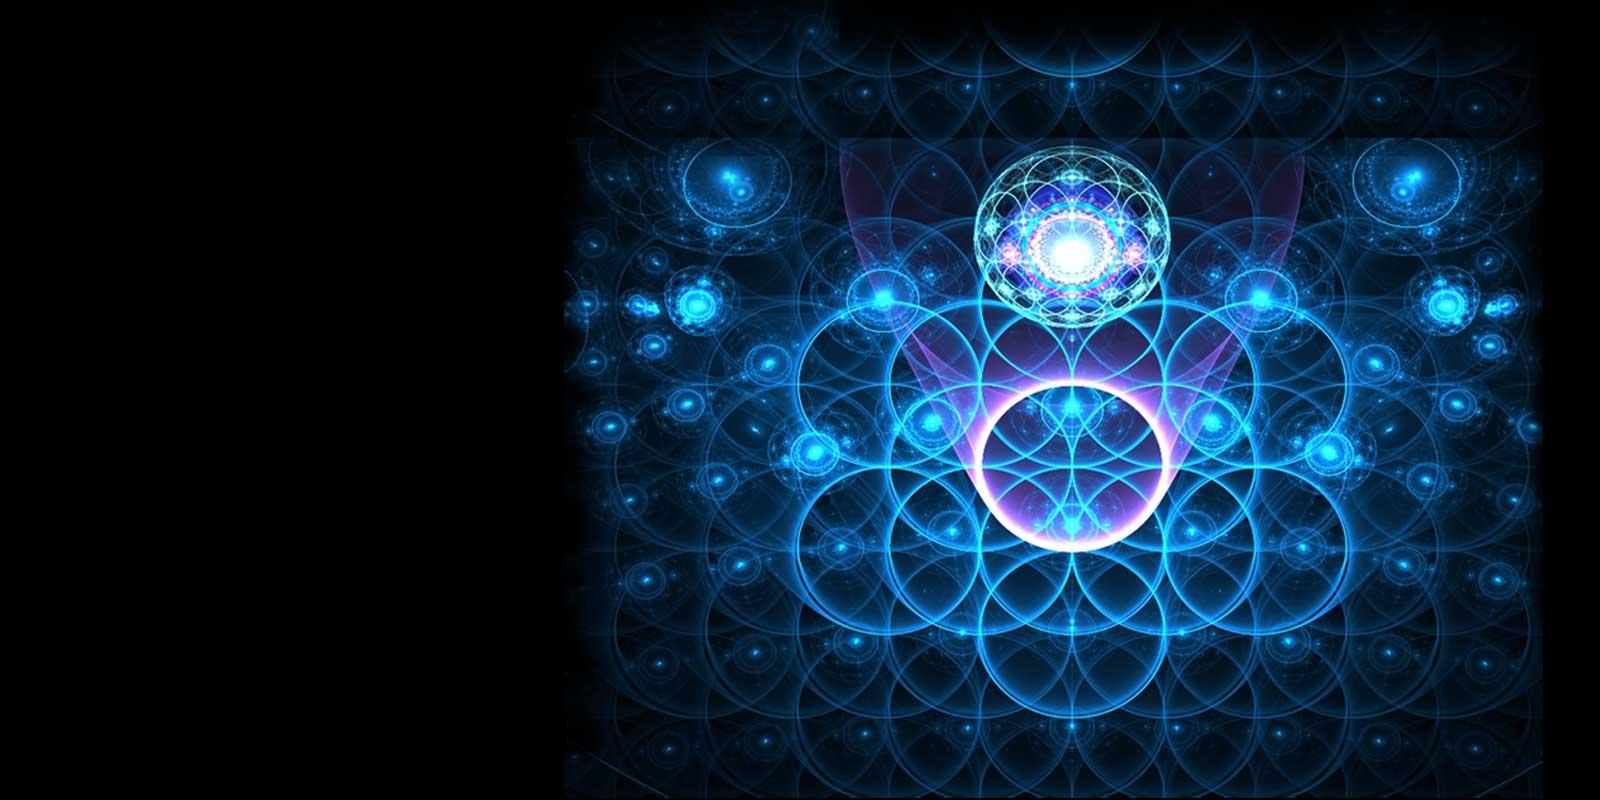 Pleiadian Alchemy